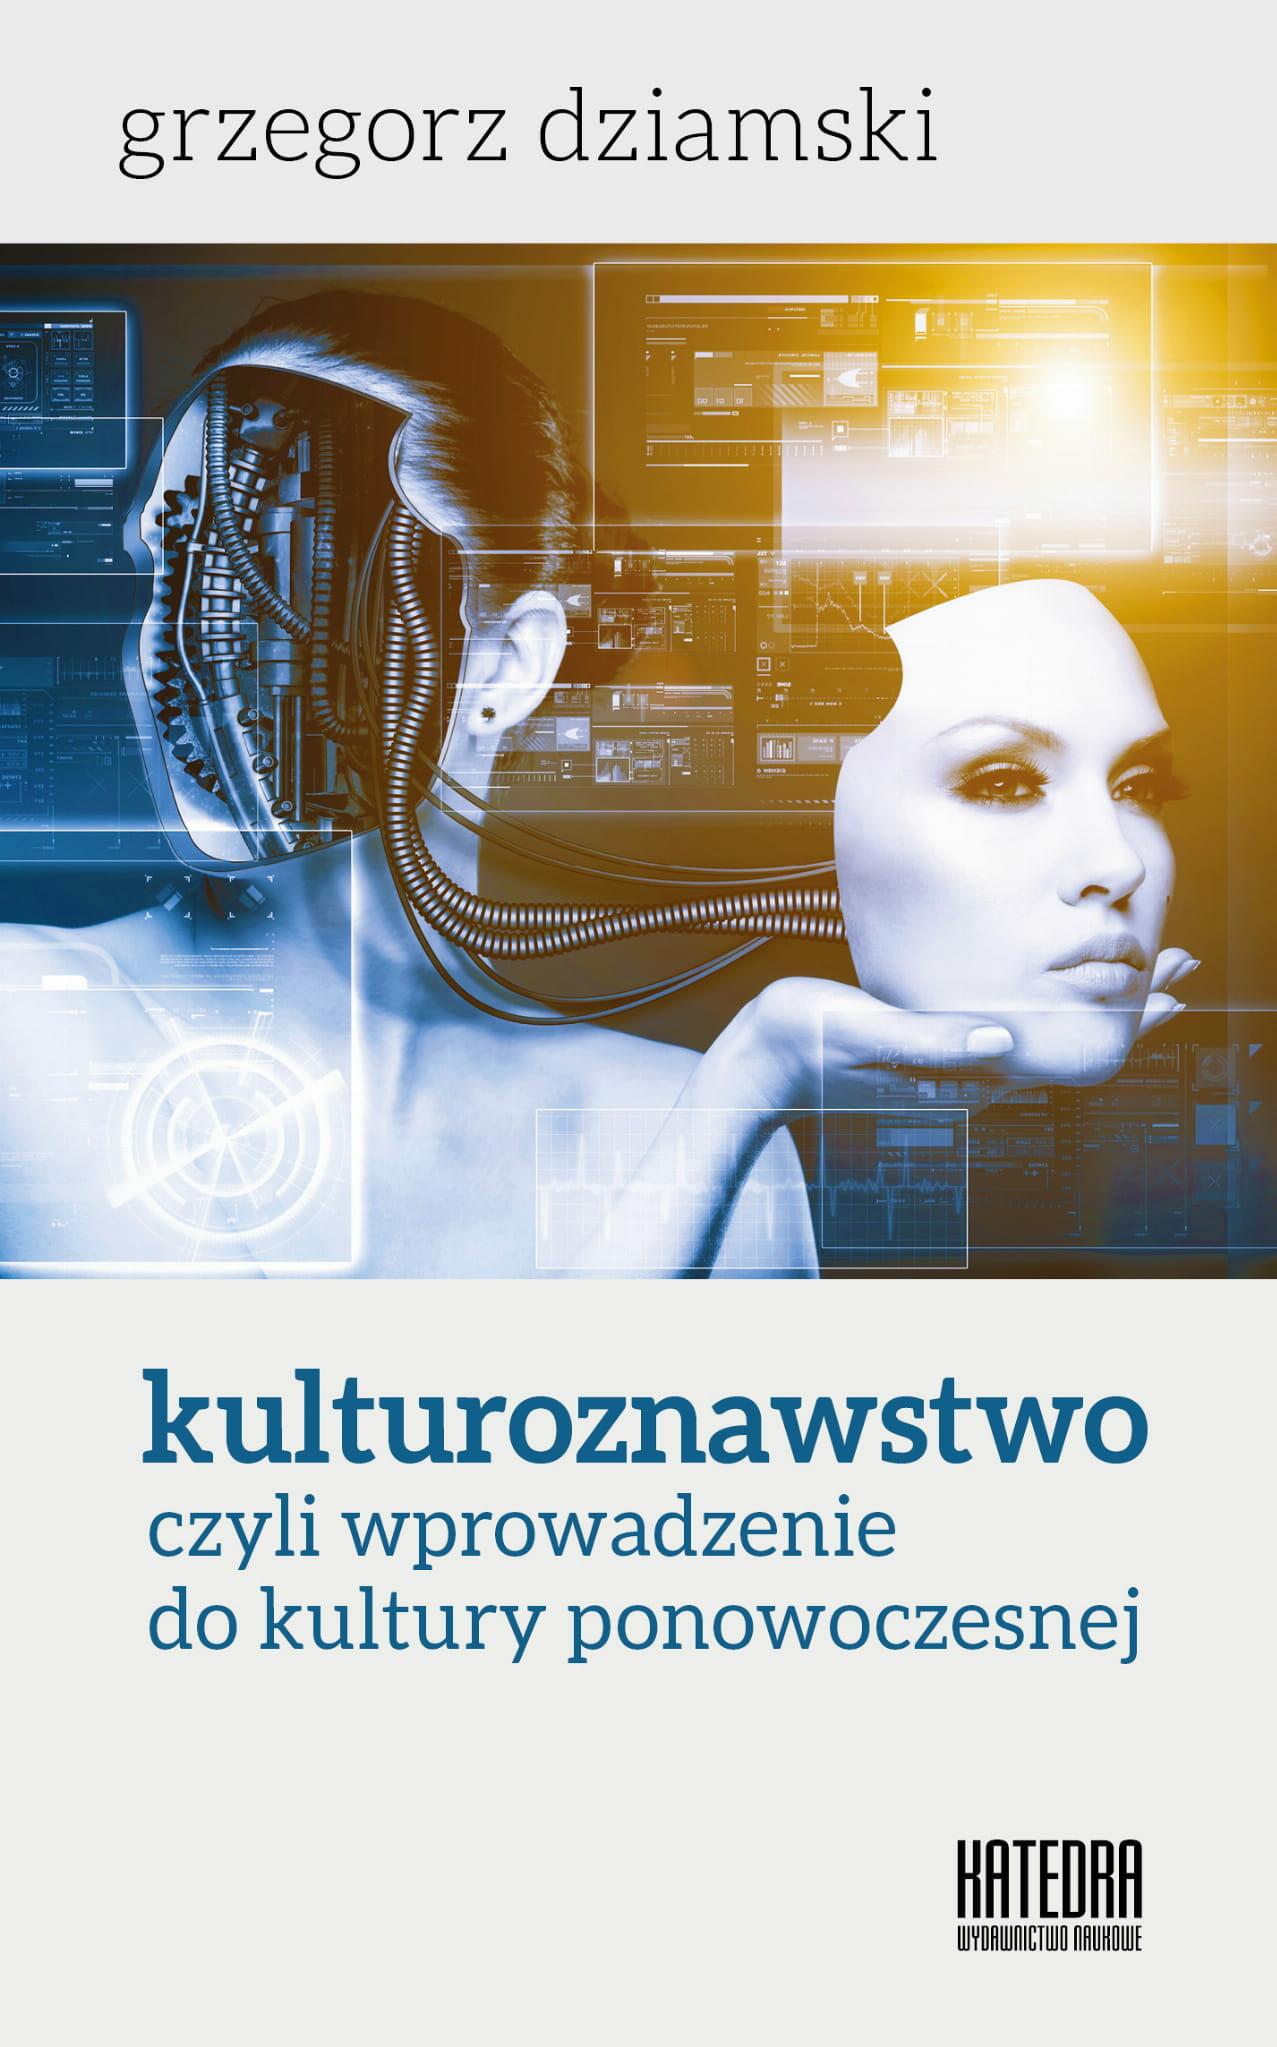 Kulturoznawstwo, czyli wprowadzenie do kultury ponowoczesnej - Kulturoznawstwo UAM